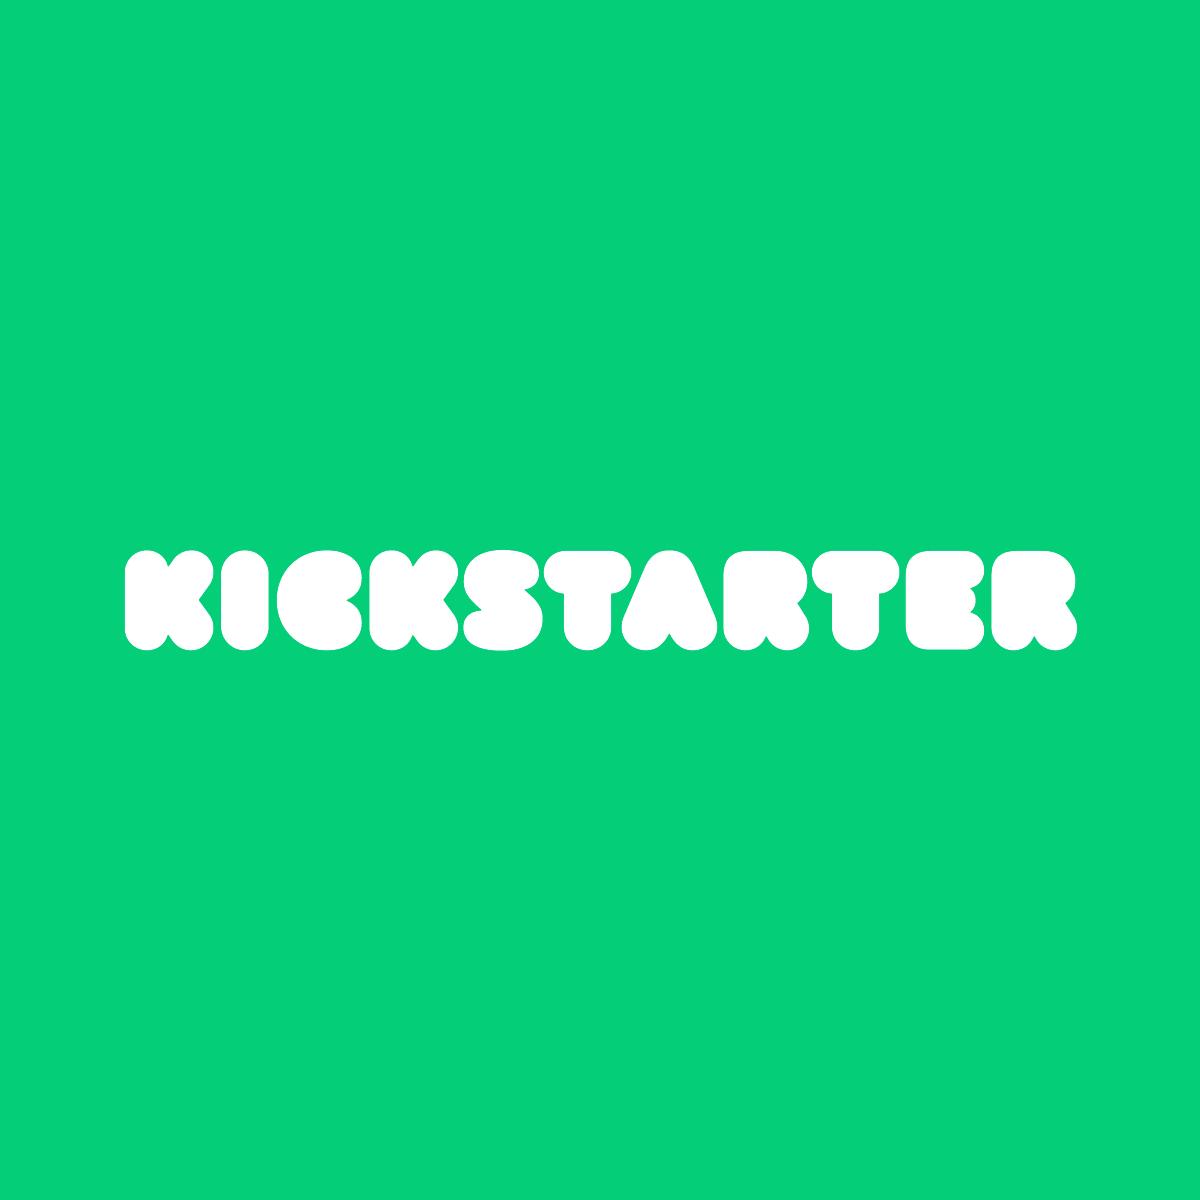 Kickstarter Joins the 4 Day Week Pilot